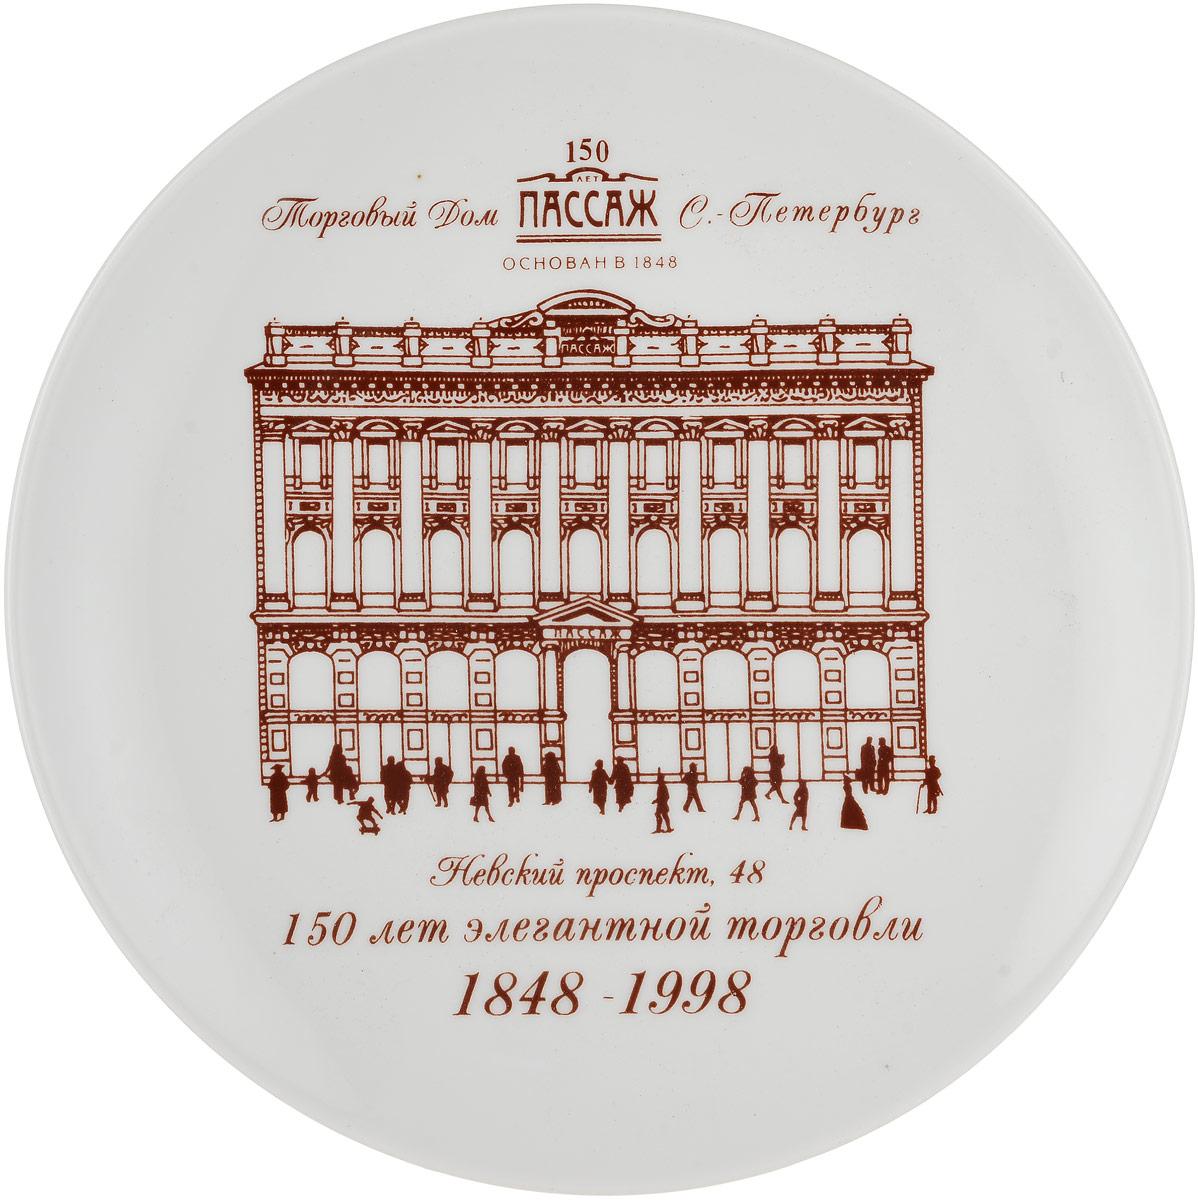 ПАССАЖ 150 лет, декоративная настенная тарелка. Фарфор, деколь. ЛФЗ, Россия, 1998 год парикмахерские принадлежности пассаж на немиге